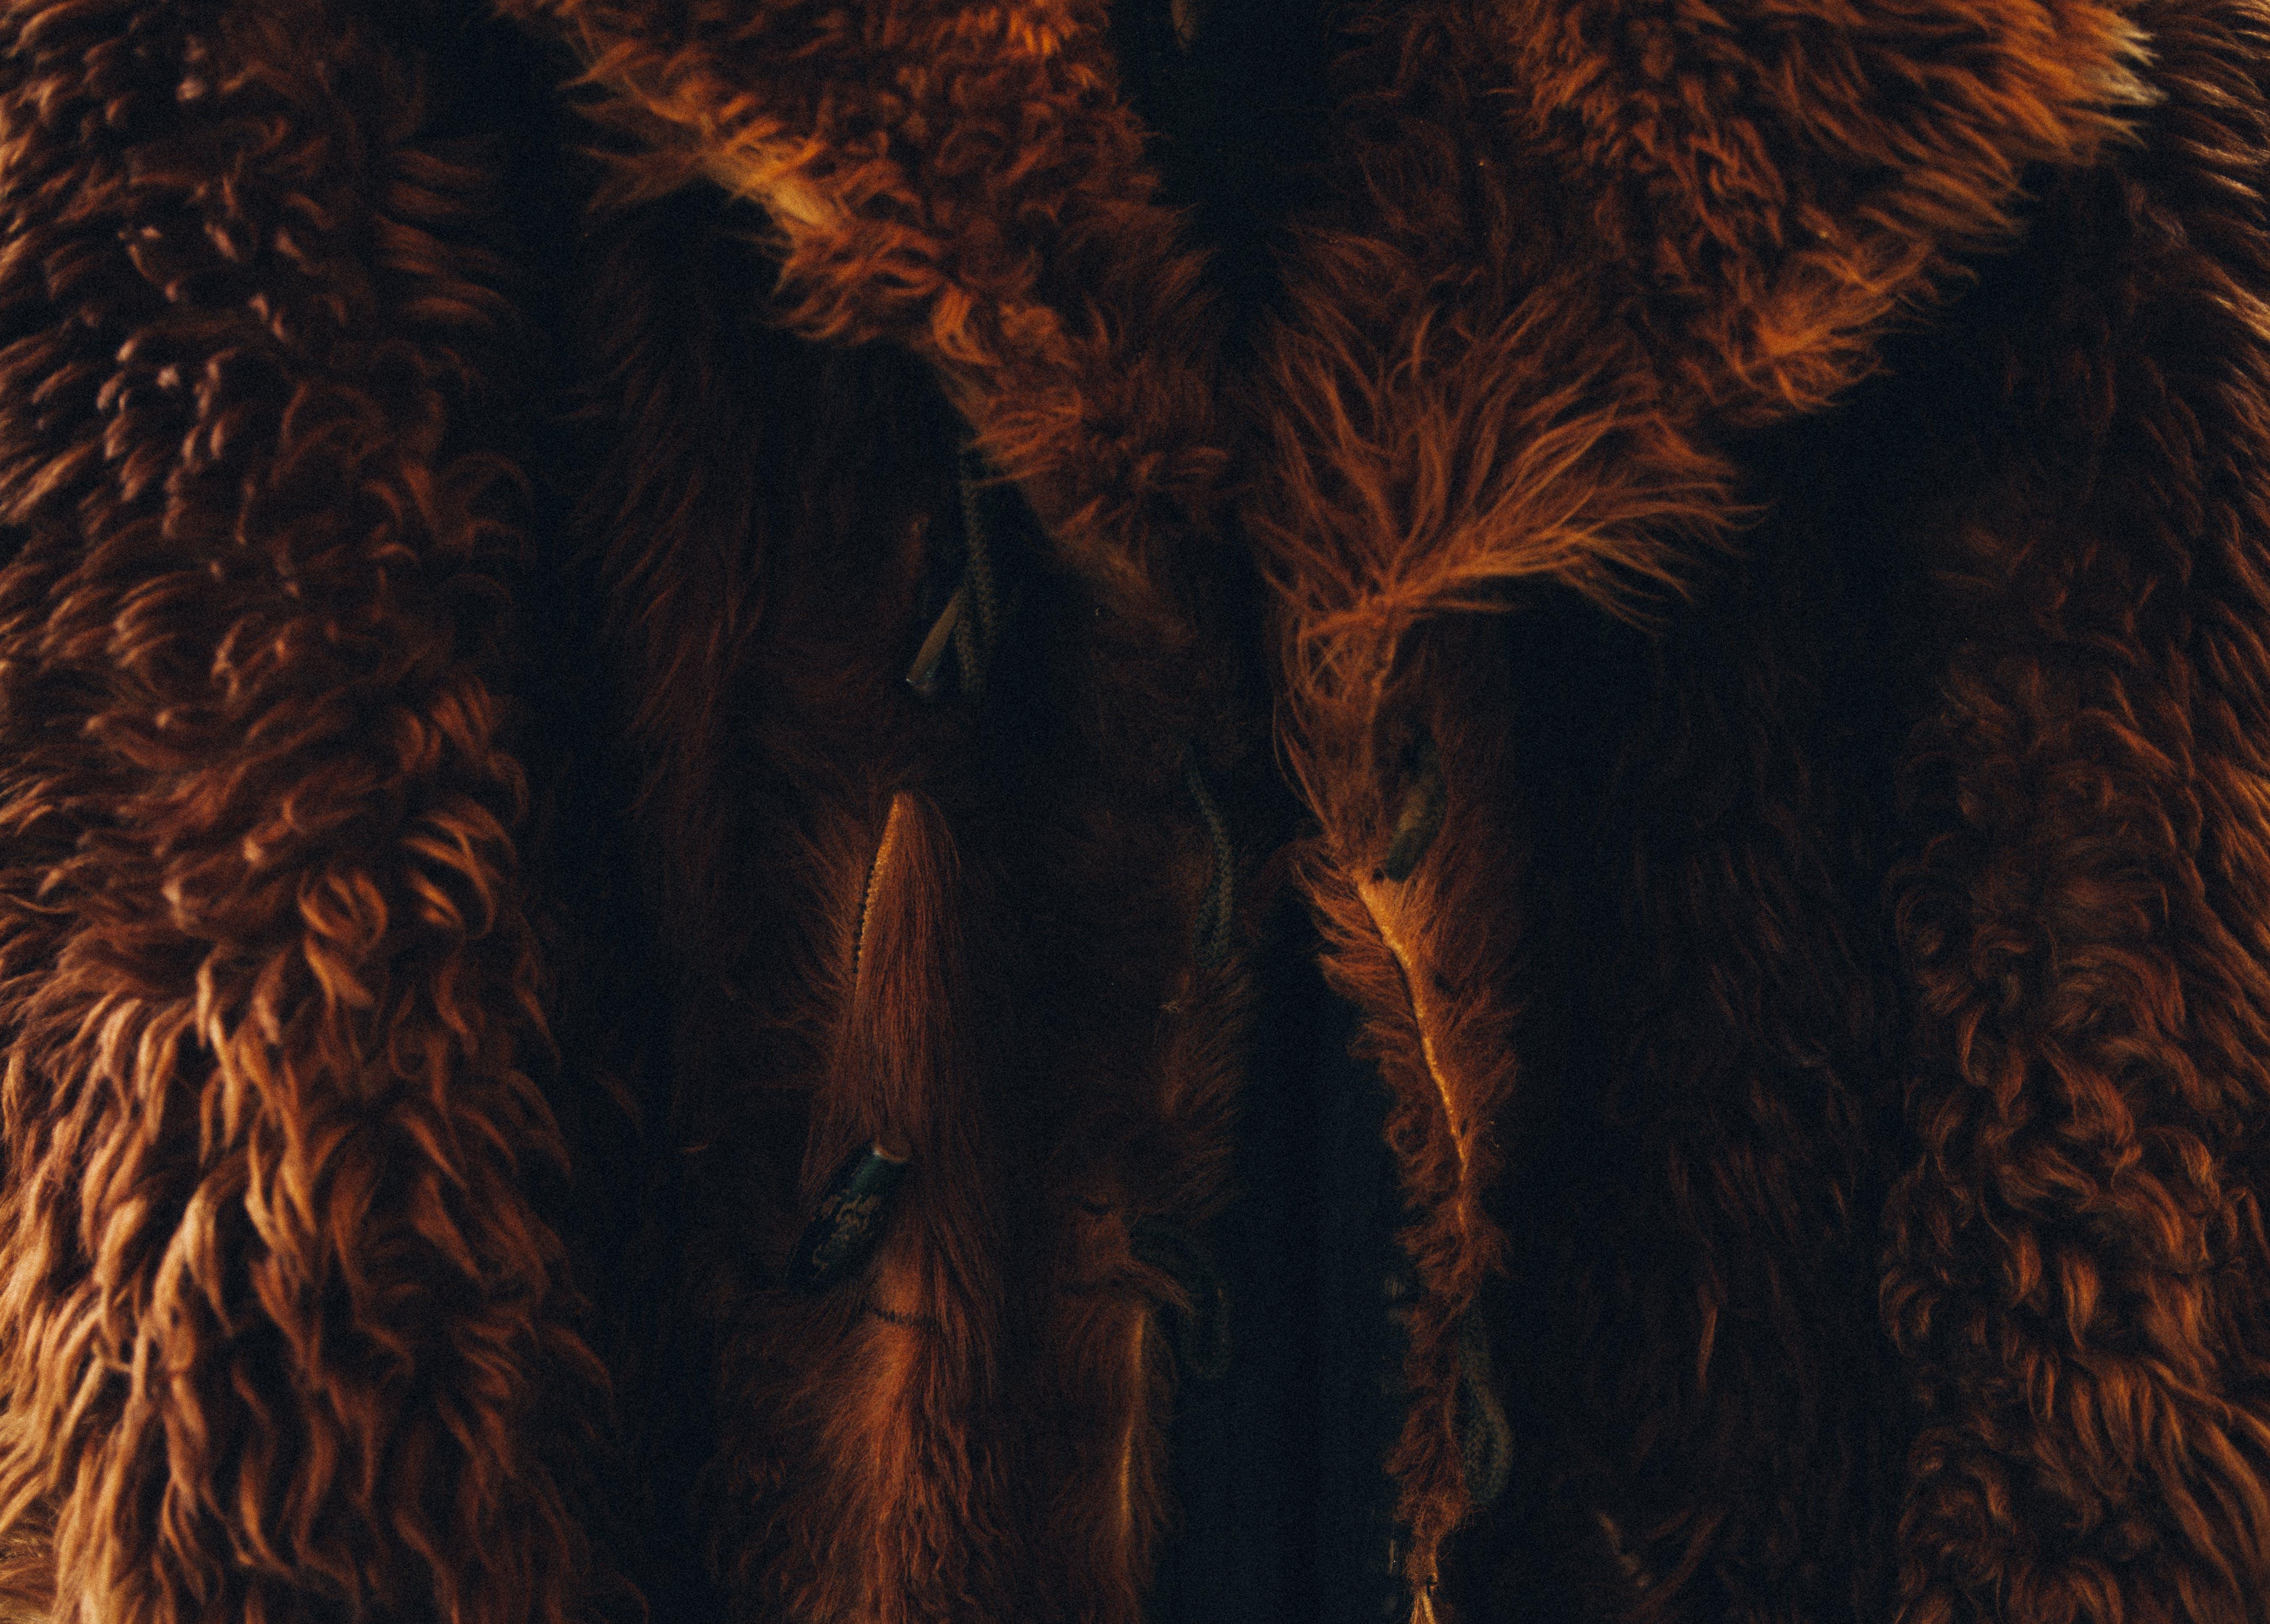 Δωρεάν στοκ φωτογραφιών με γούνα, γούνινο παλτό, δέρμα, ενήλικος